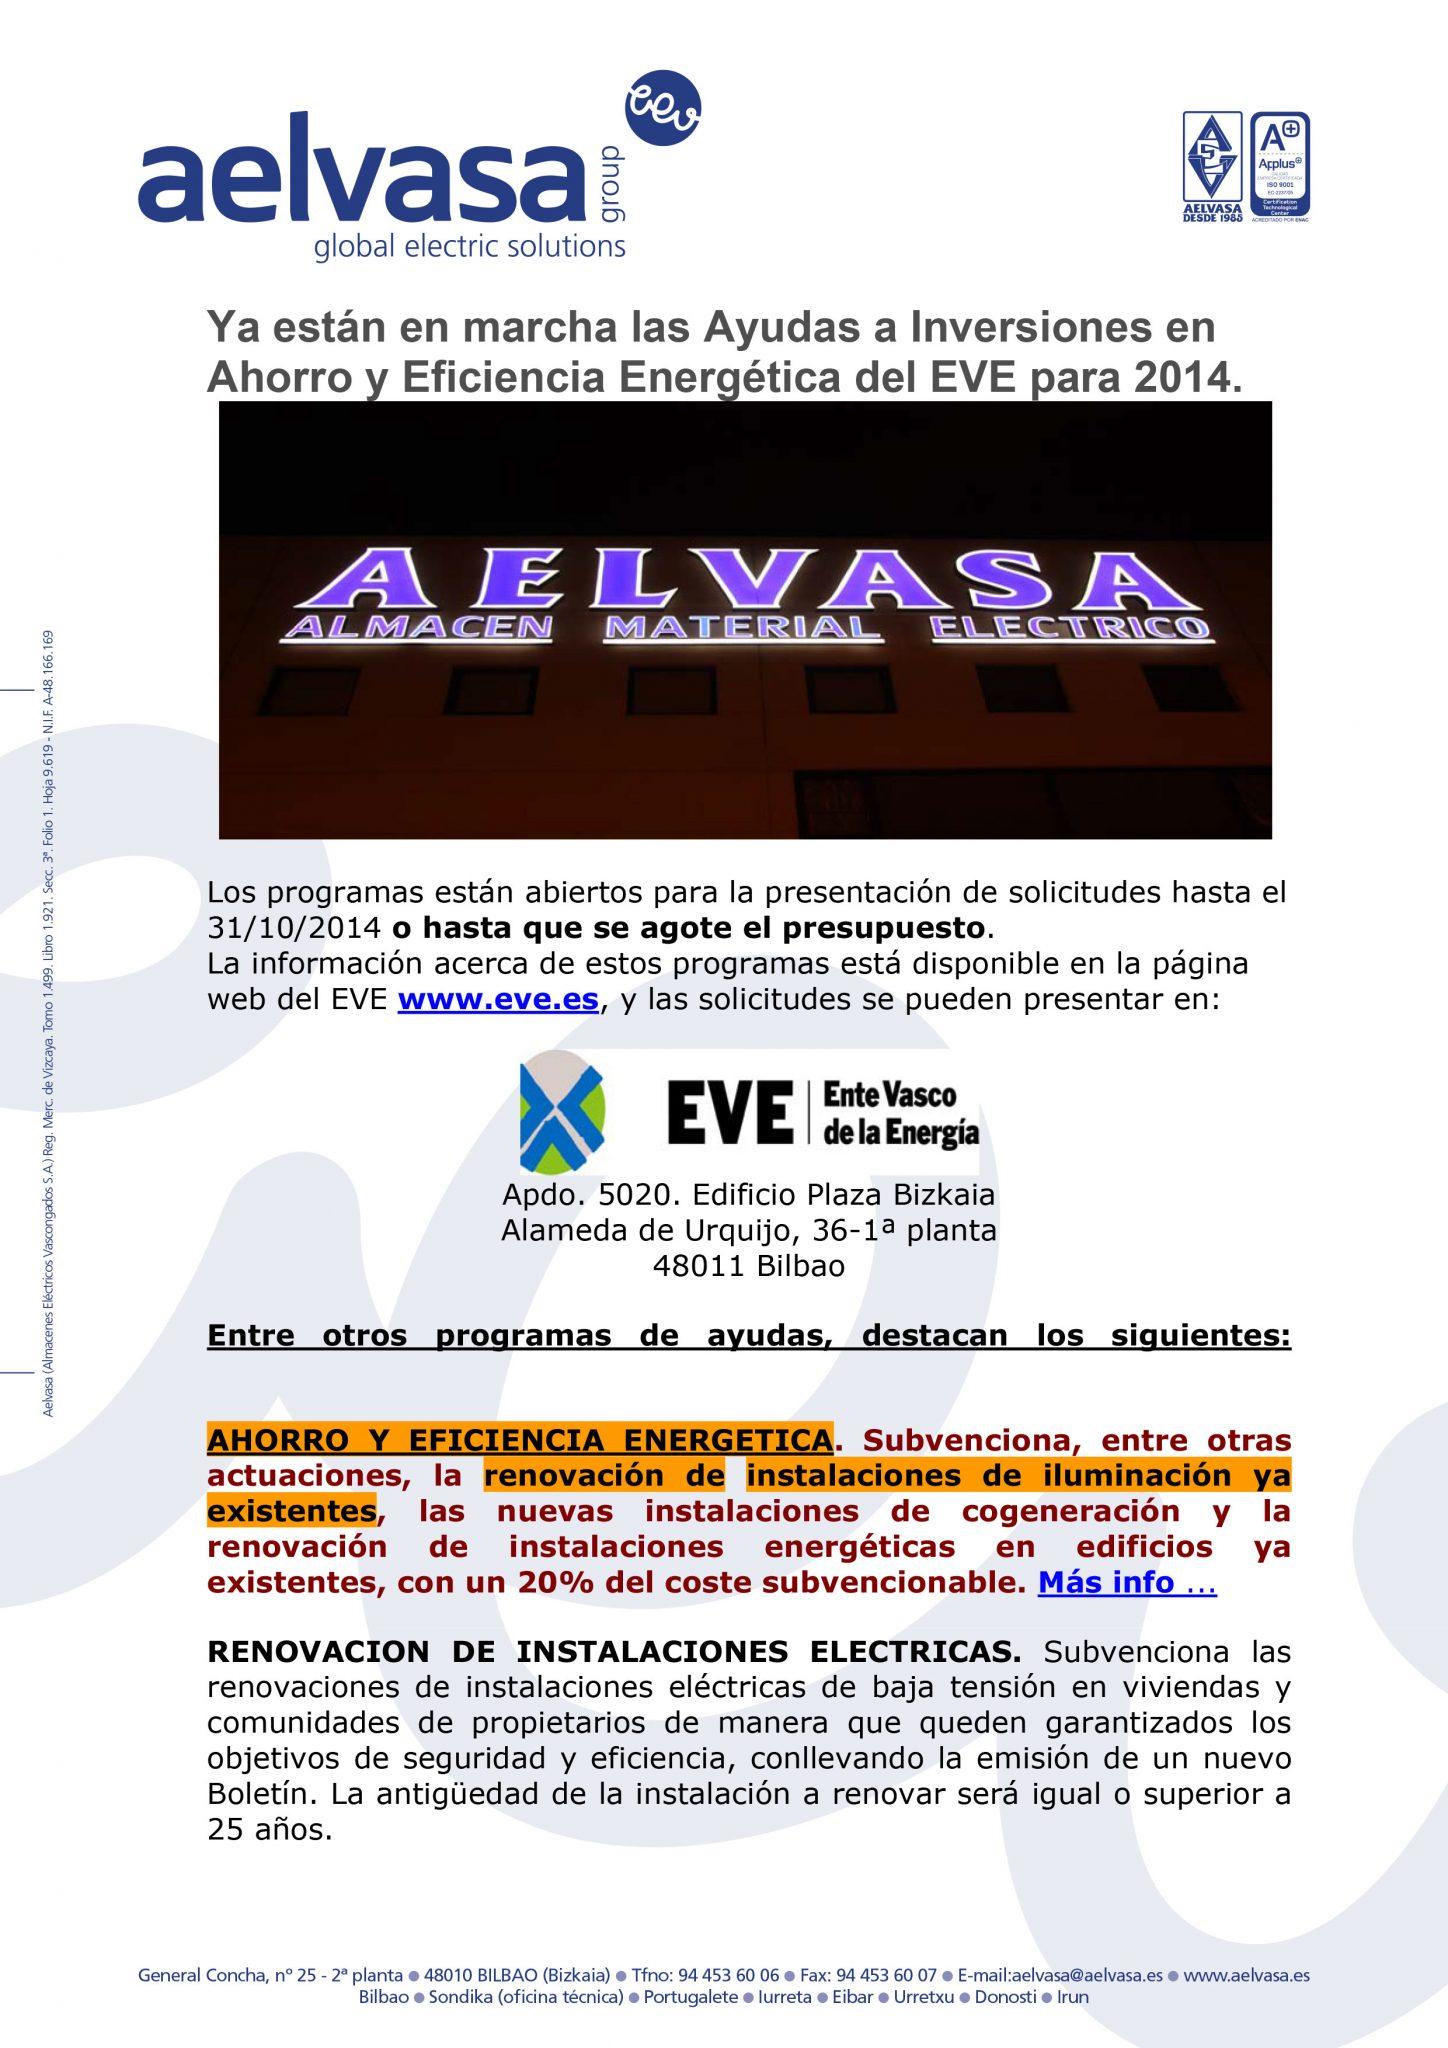 AELVASA-Informa-Ayudas-EVE-2014